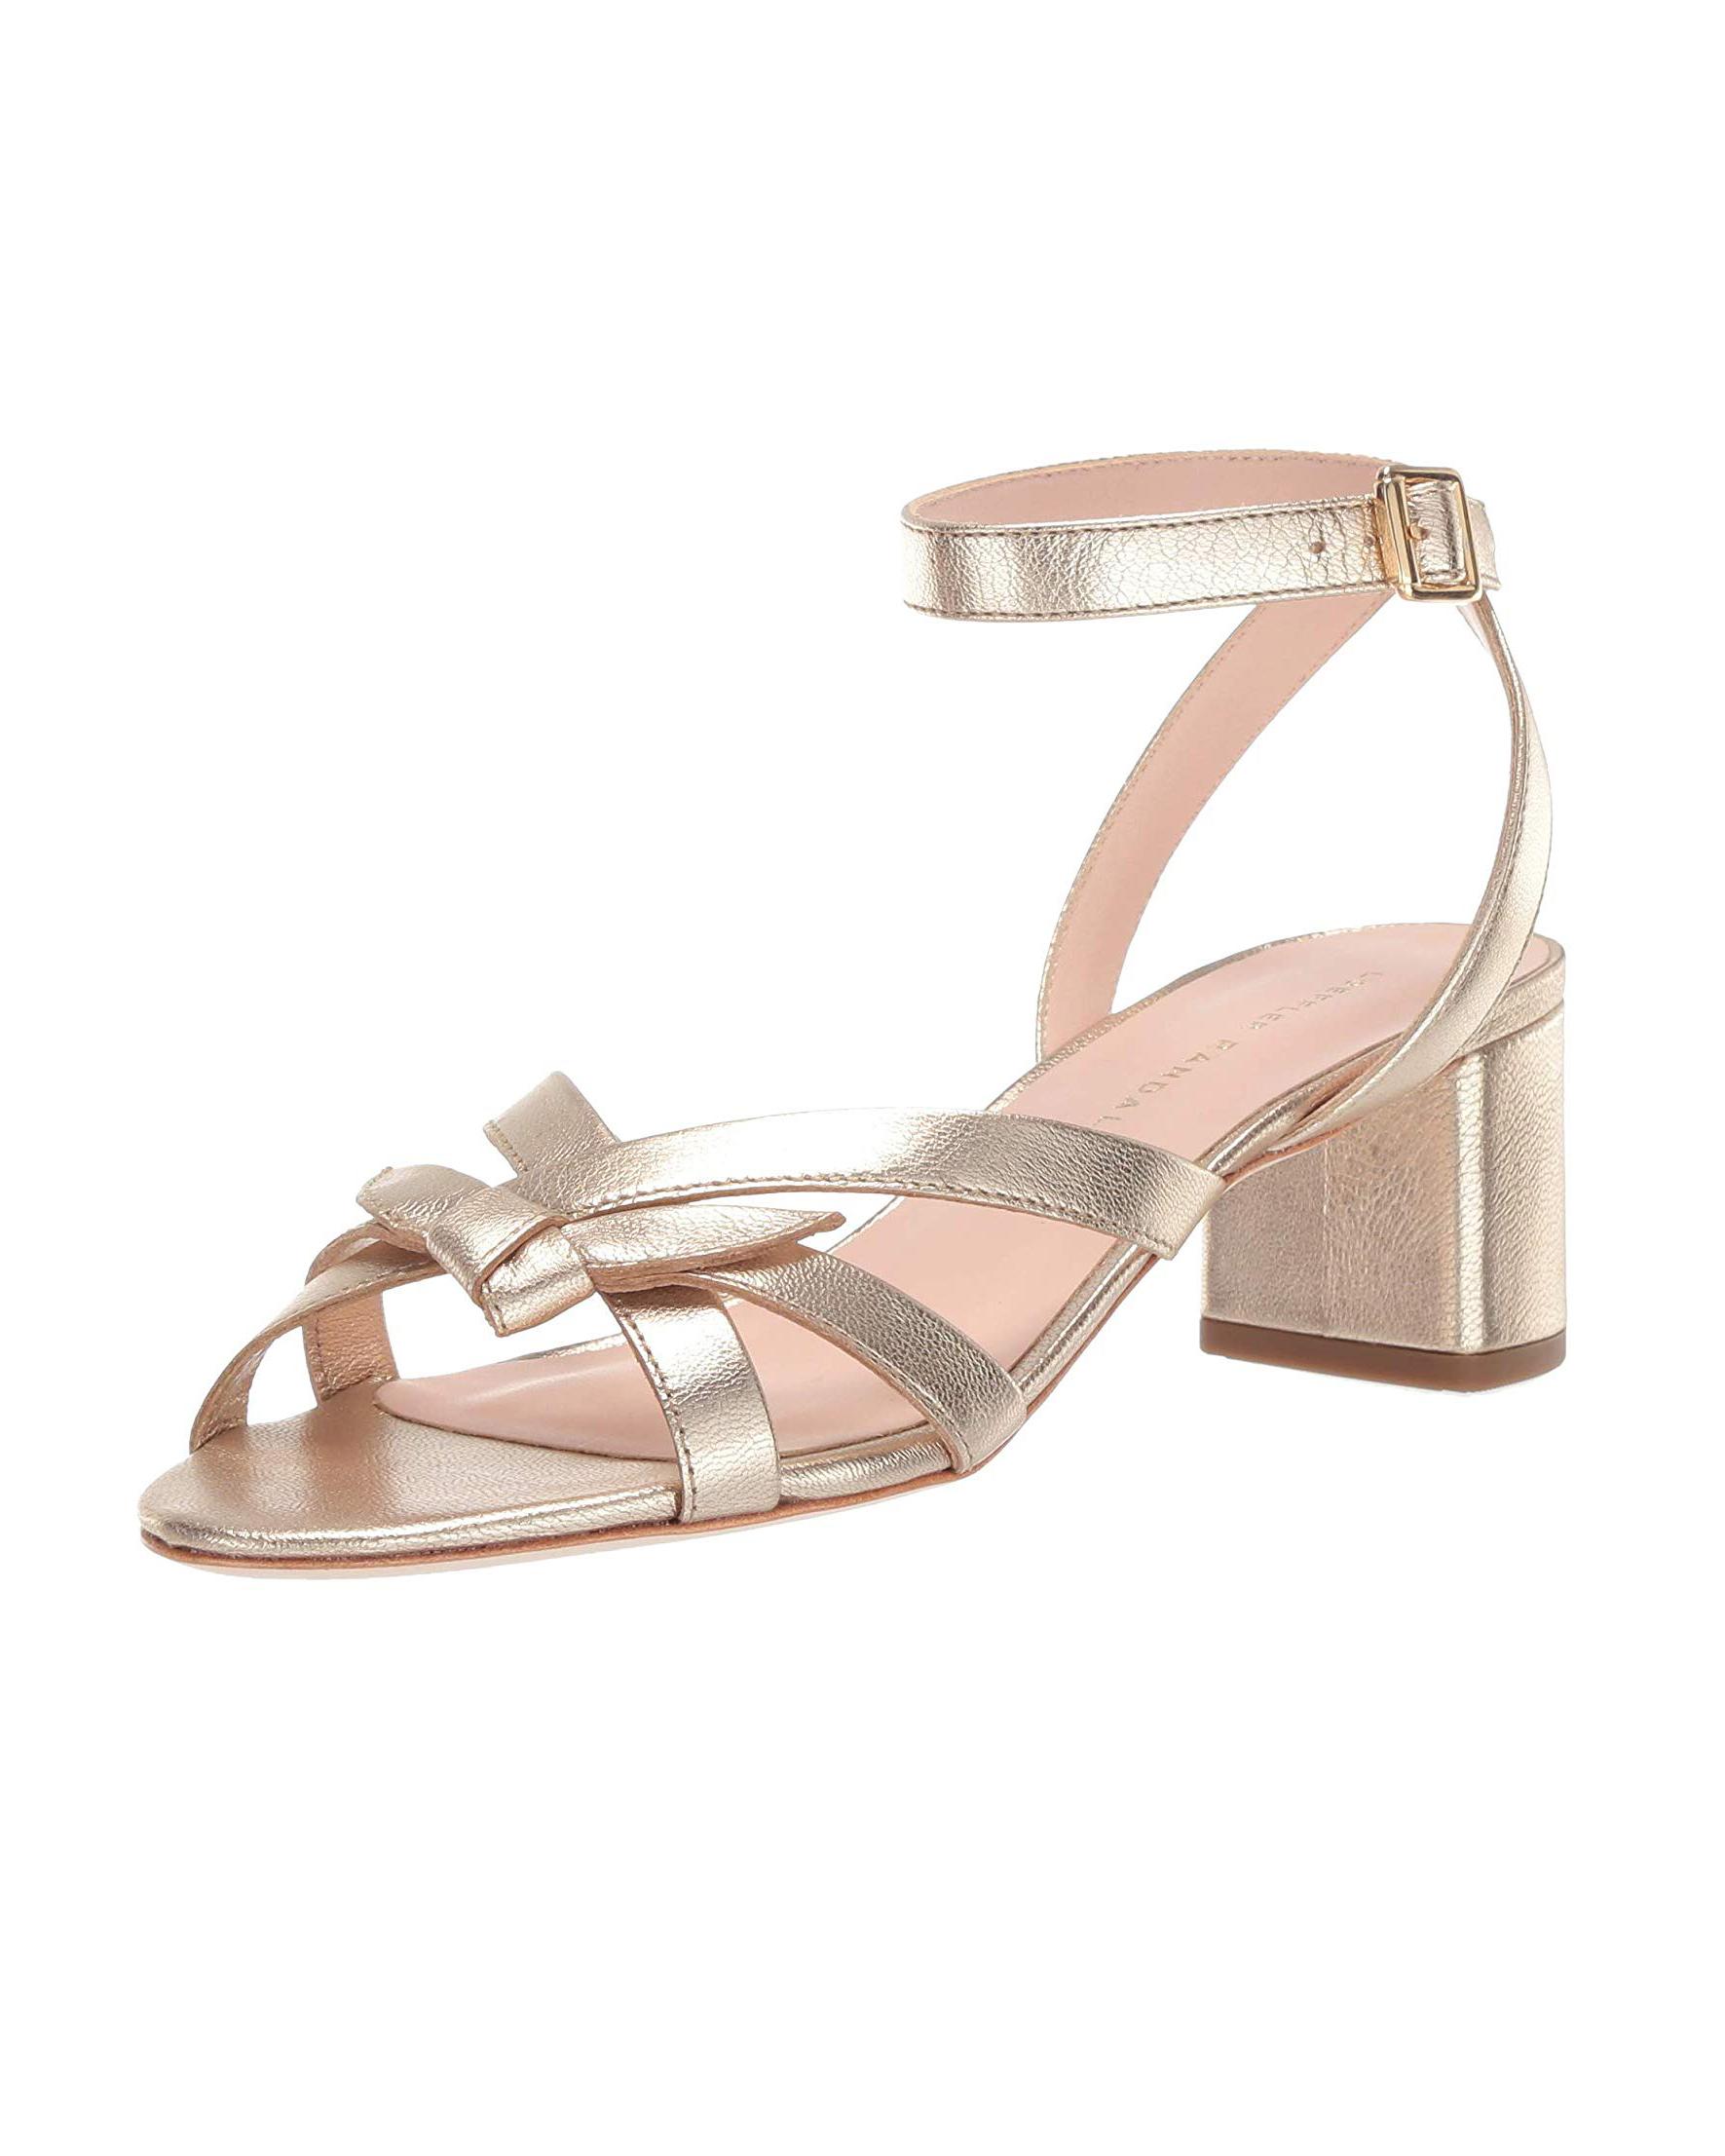 delicate strap mid-heel bridesmaid shoes